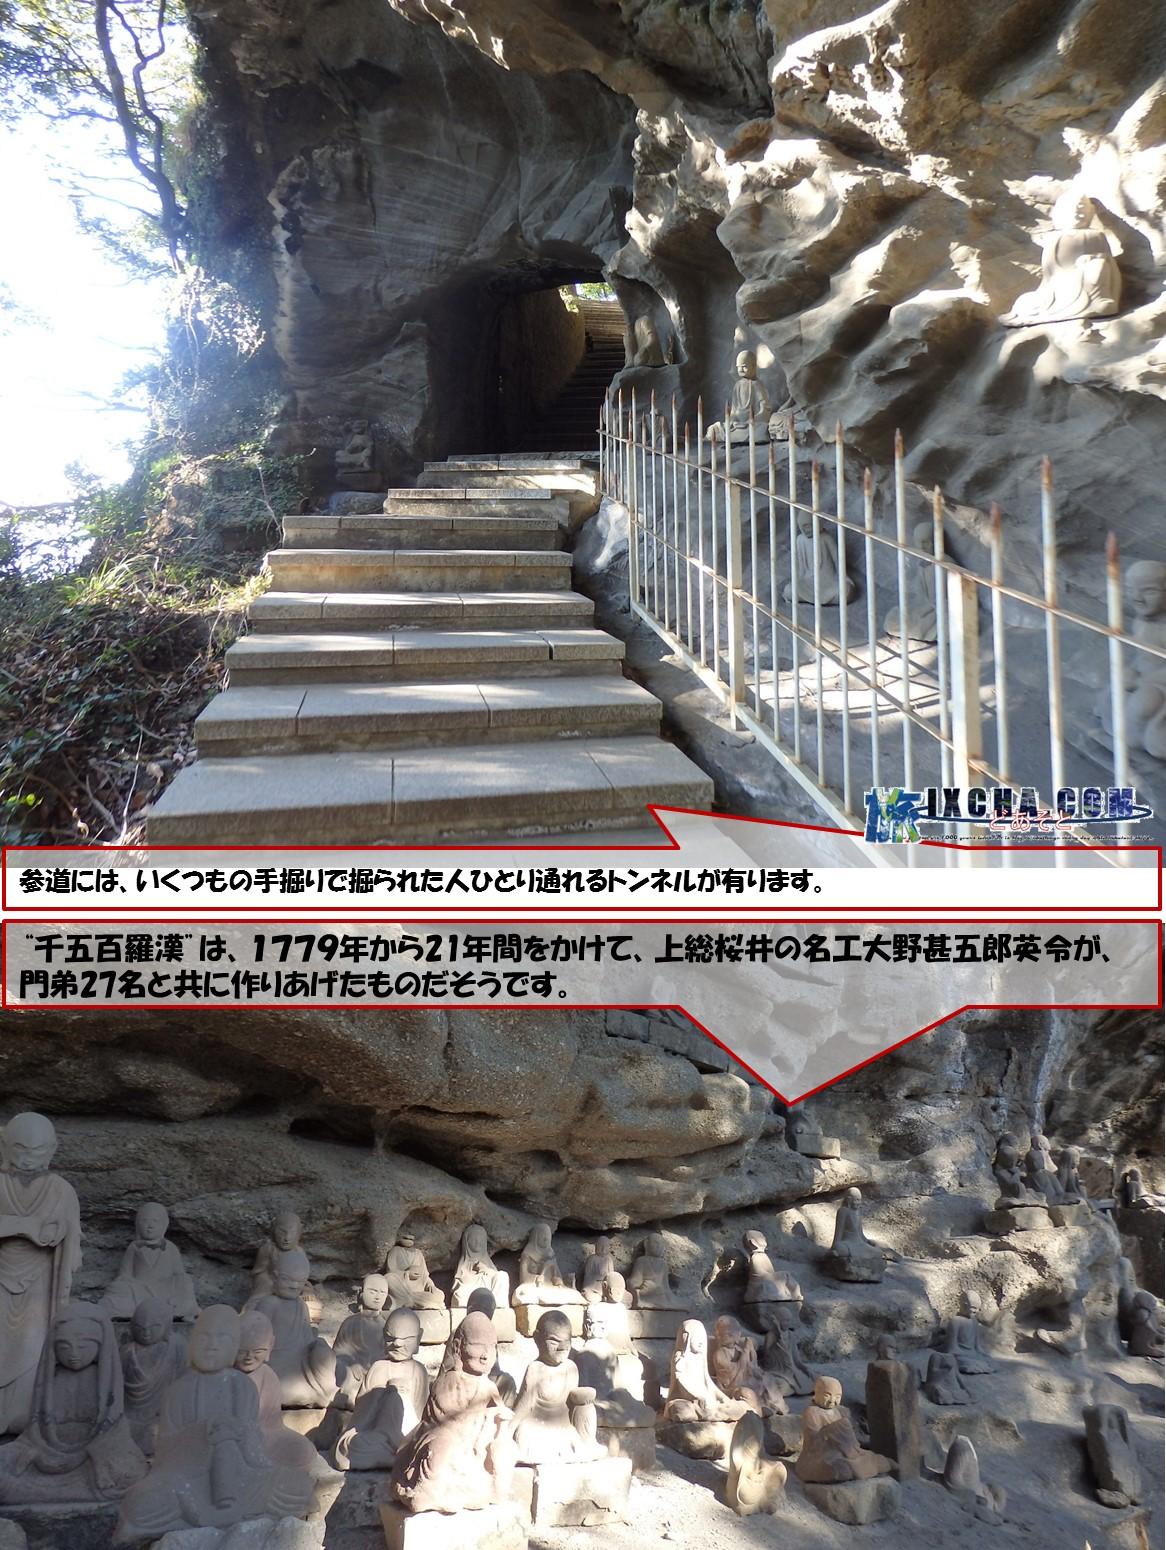 """参道には、いくつもの手掘りで掘られた人ひとり通れるトンネルが有ります。 """"千五百羅漢""""は、1779年から21年間をかけて、上総桜井の名工大野甚五郎英令が、門弟27名と共に作りあげたものだそうです。"""